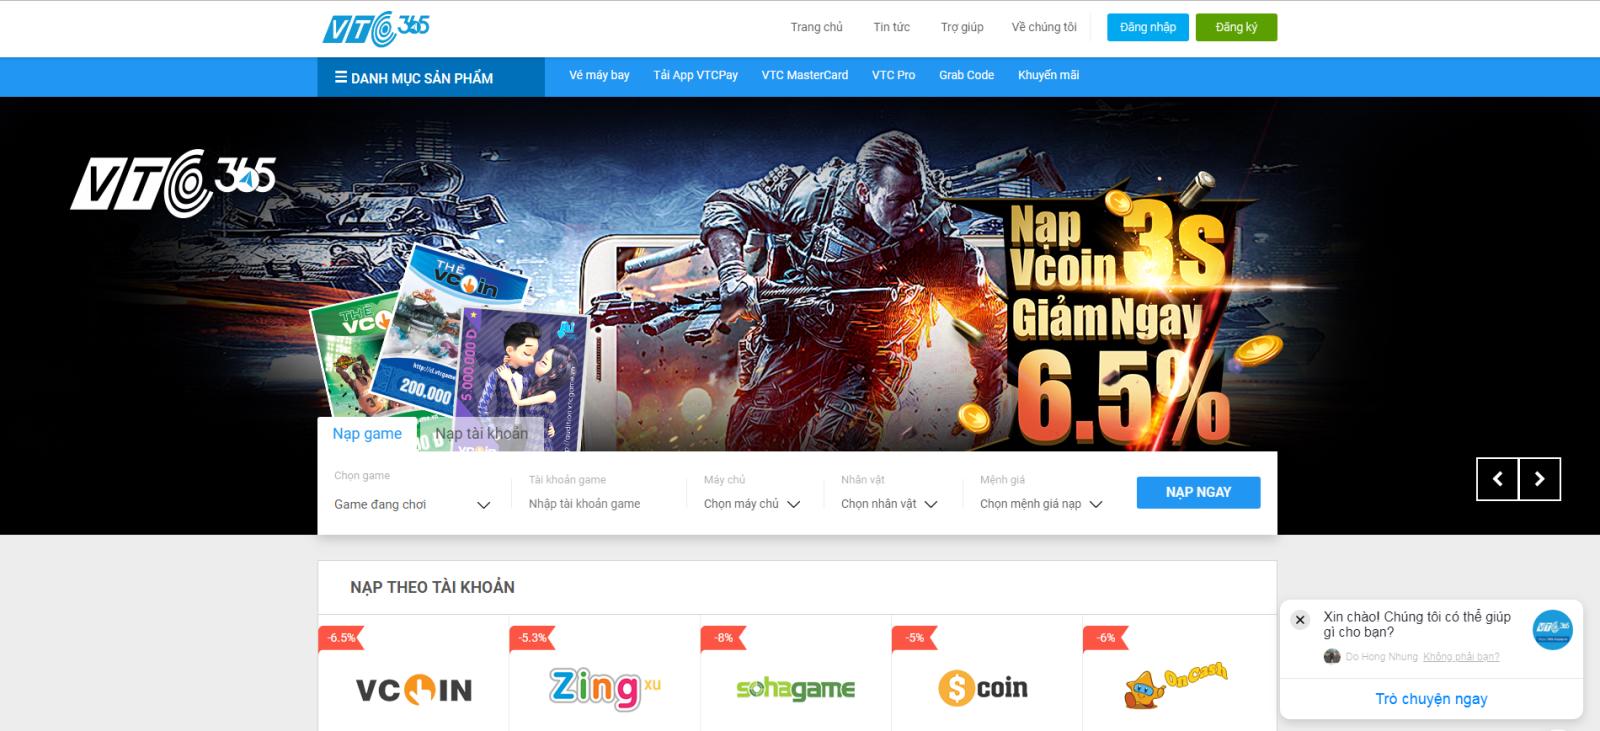 Truy cập https://365.vtcpay.vn/nap-game để nạp Vcoin trực tiếp vào tài  khoản với giá giảm 6,5%